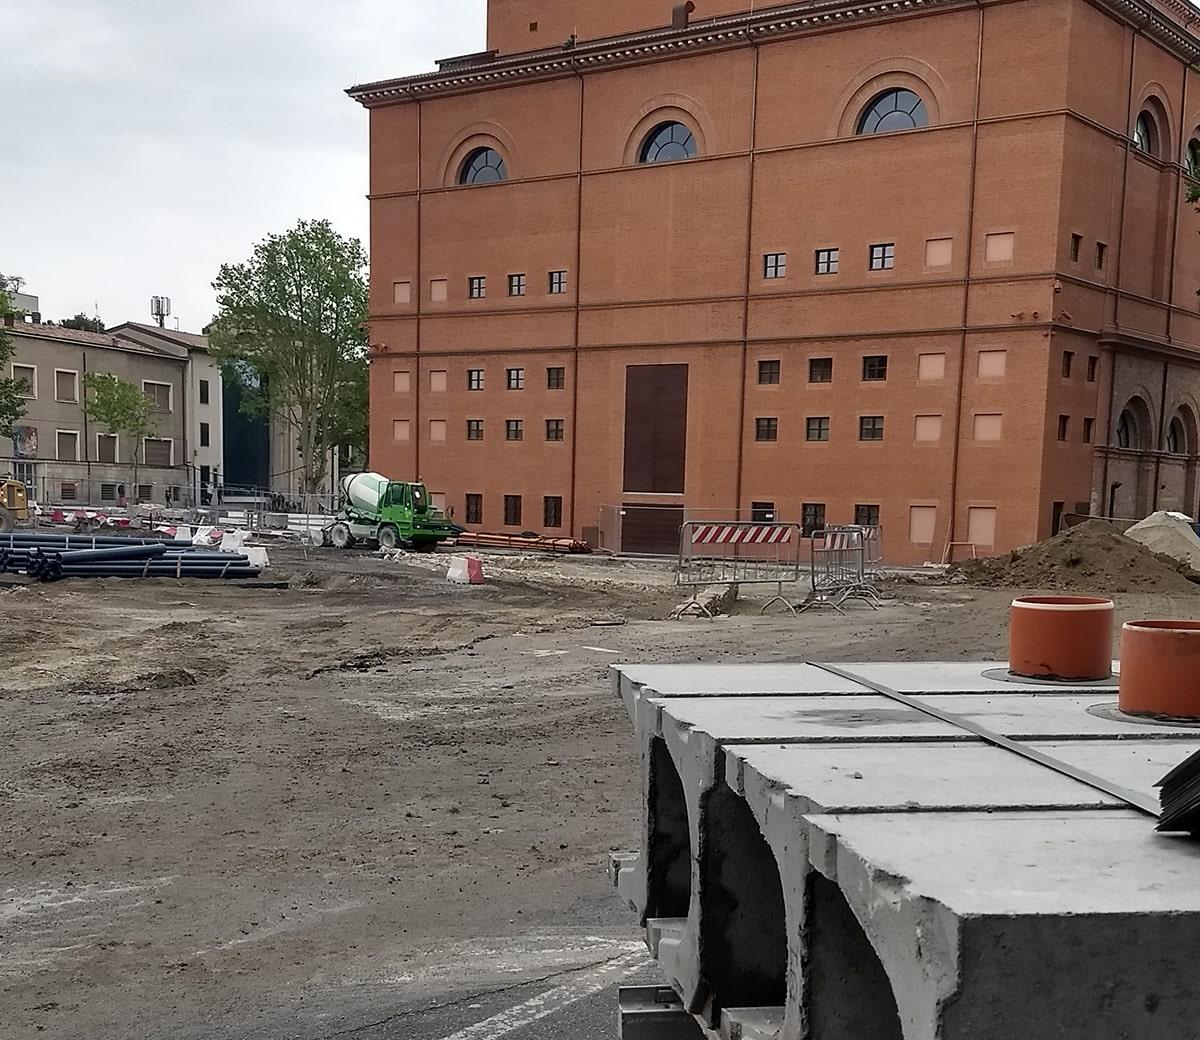 In piazza Malatesta emergono nuove tracce preziose della storia di Rimini, ma che fine fanno?